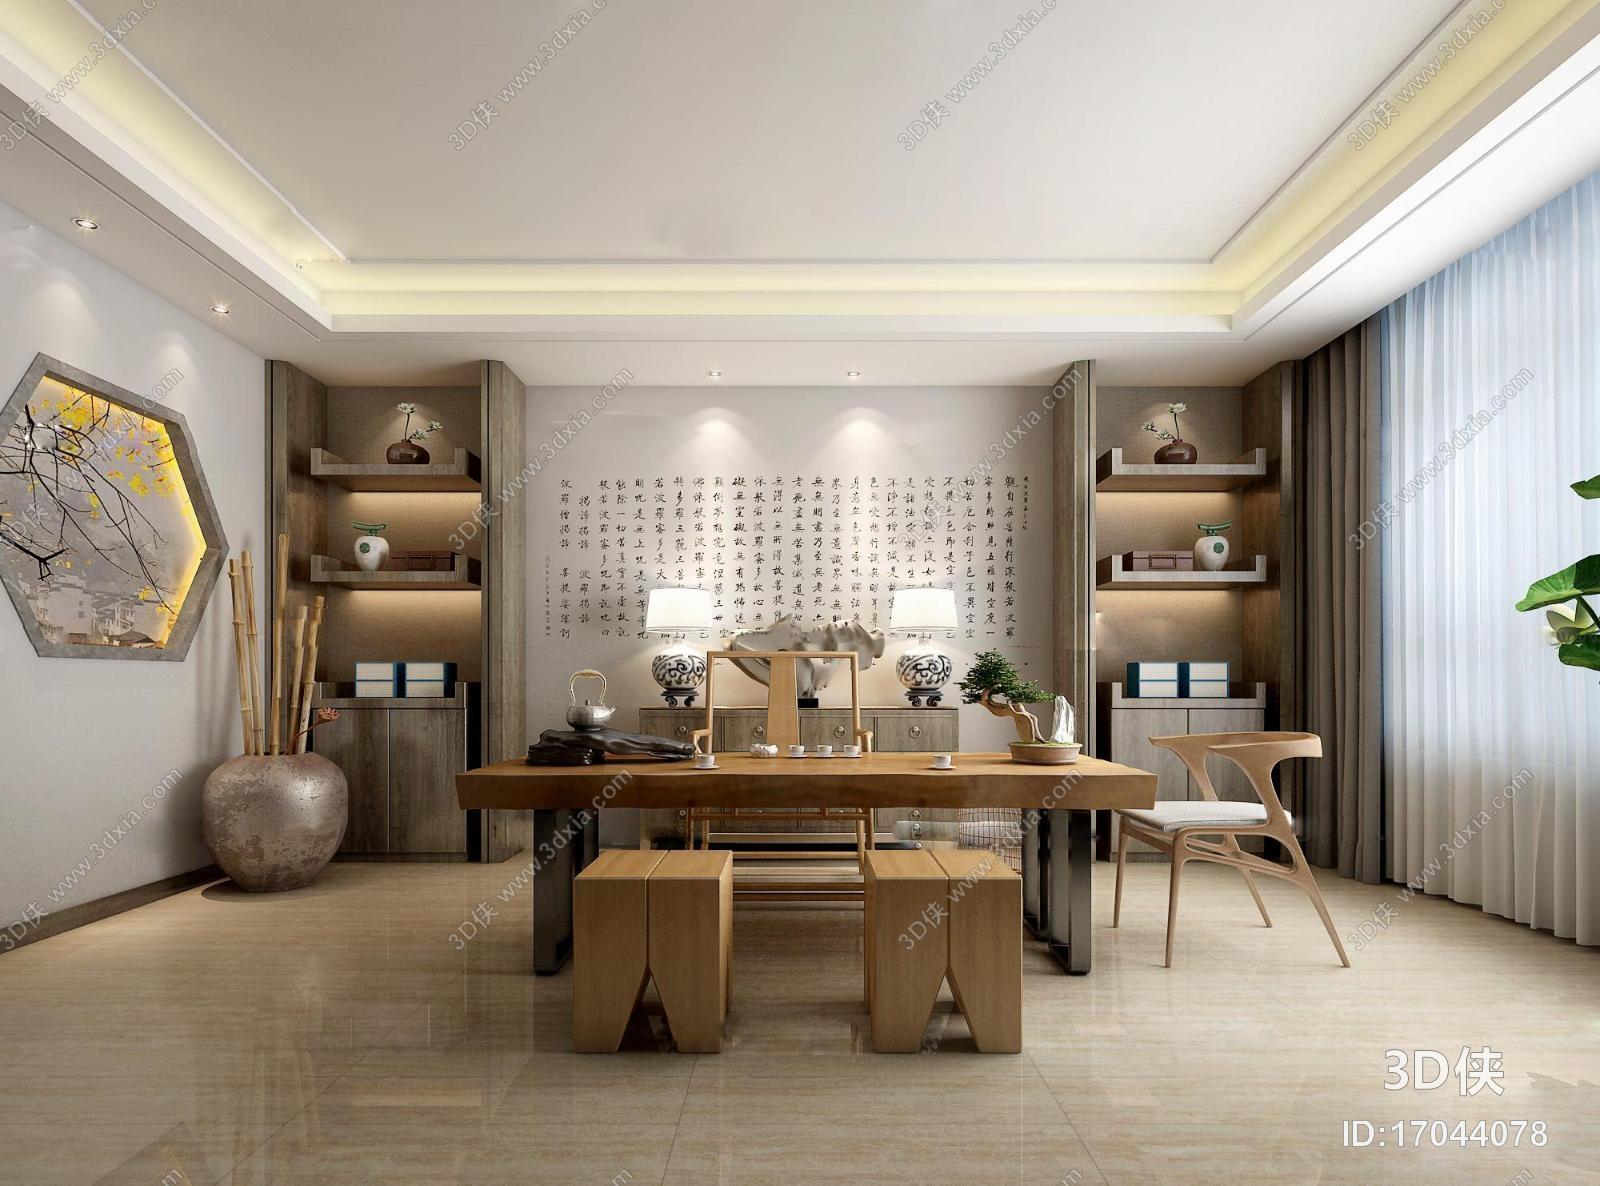 其它綜合效果圖素材免費下載,本作品主題是新中式書房茶室3d模型,編號